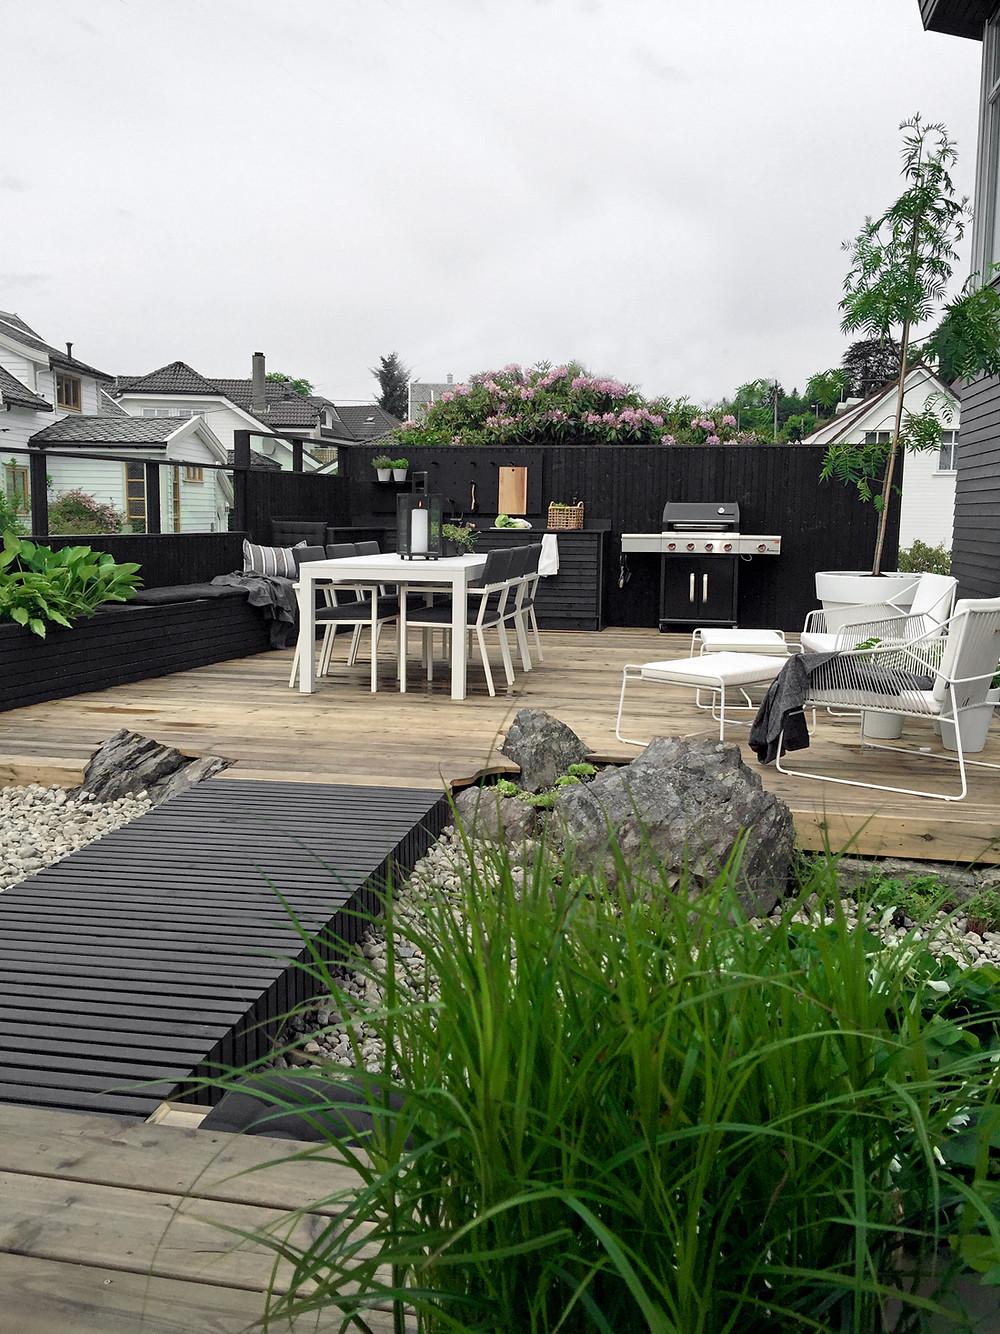 Terassialueen laidoille on takennettu musta korkea aita, joka toimii taustana kesäkeittiölle sekä selkänojana penkeille, mutta myös suojaa naapureiden katseilta.